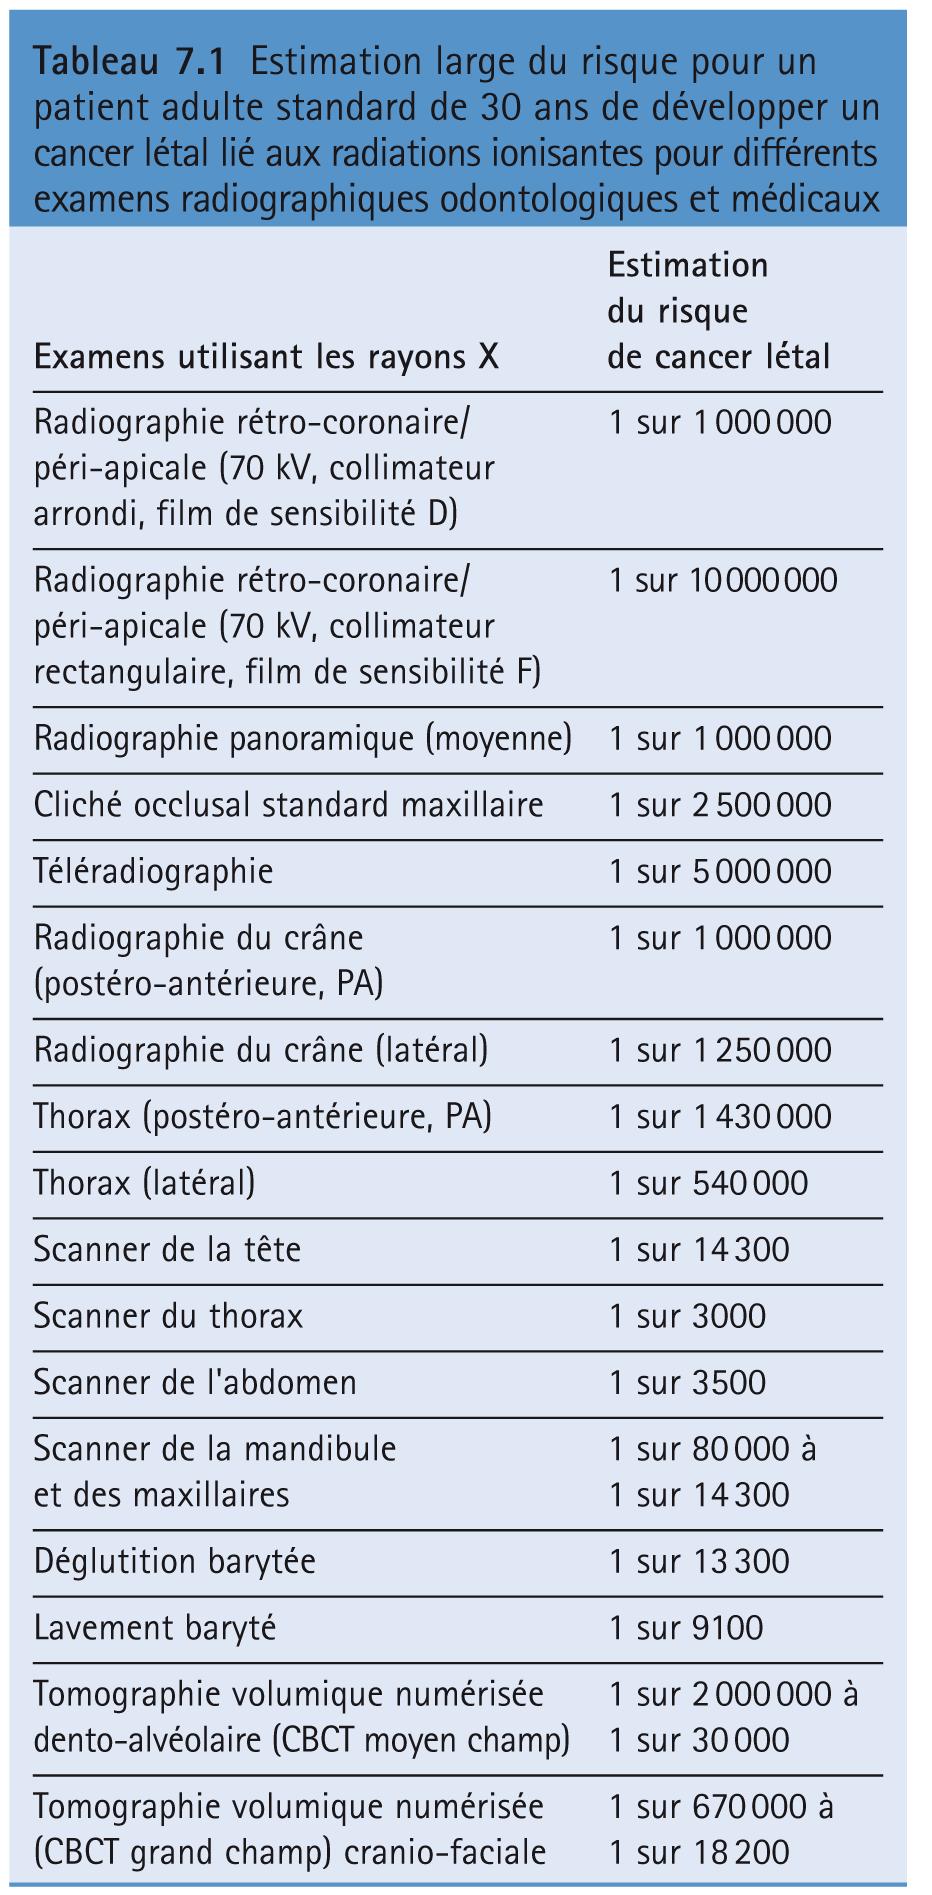 Estimation large du risque pour un patient adulte standard de 30 ans de développer un cancer létal lié aux radiations ionisantes pour différents examens radiographiques odontologiques et médicaux